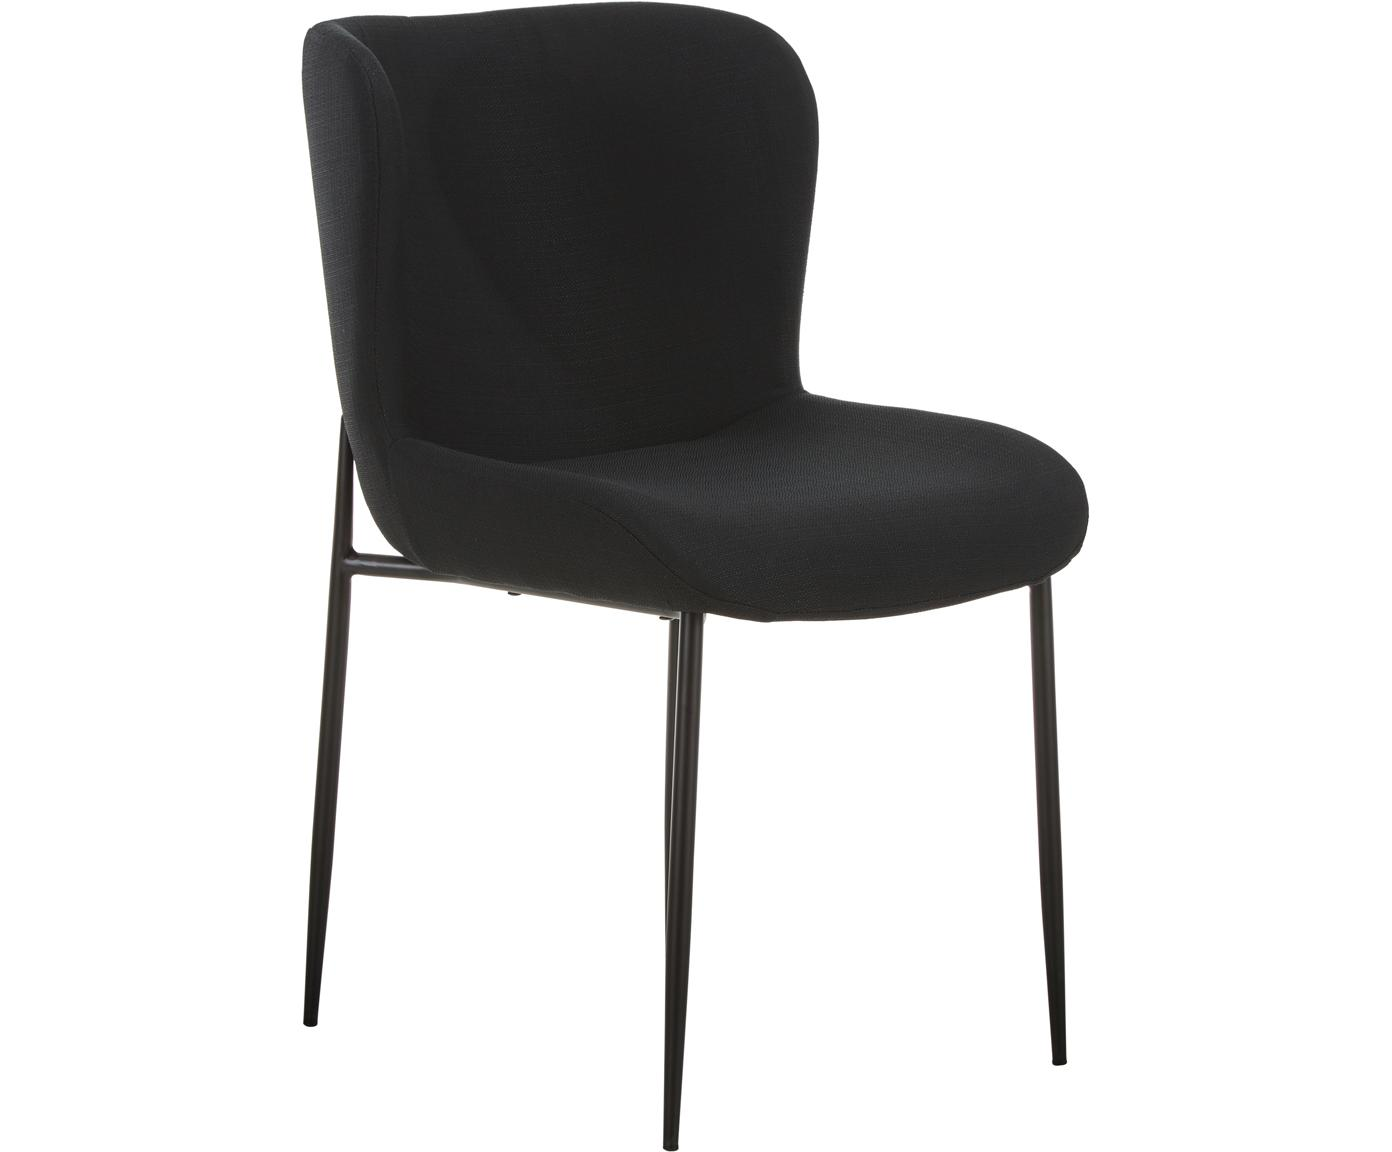 Krzesło tapicerowane Tess, Tapicerka: poliester 25000cykli w , Nogi: metal malowany proszkowo, Czarny, S 48 x G 64 cm